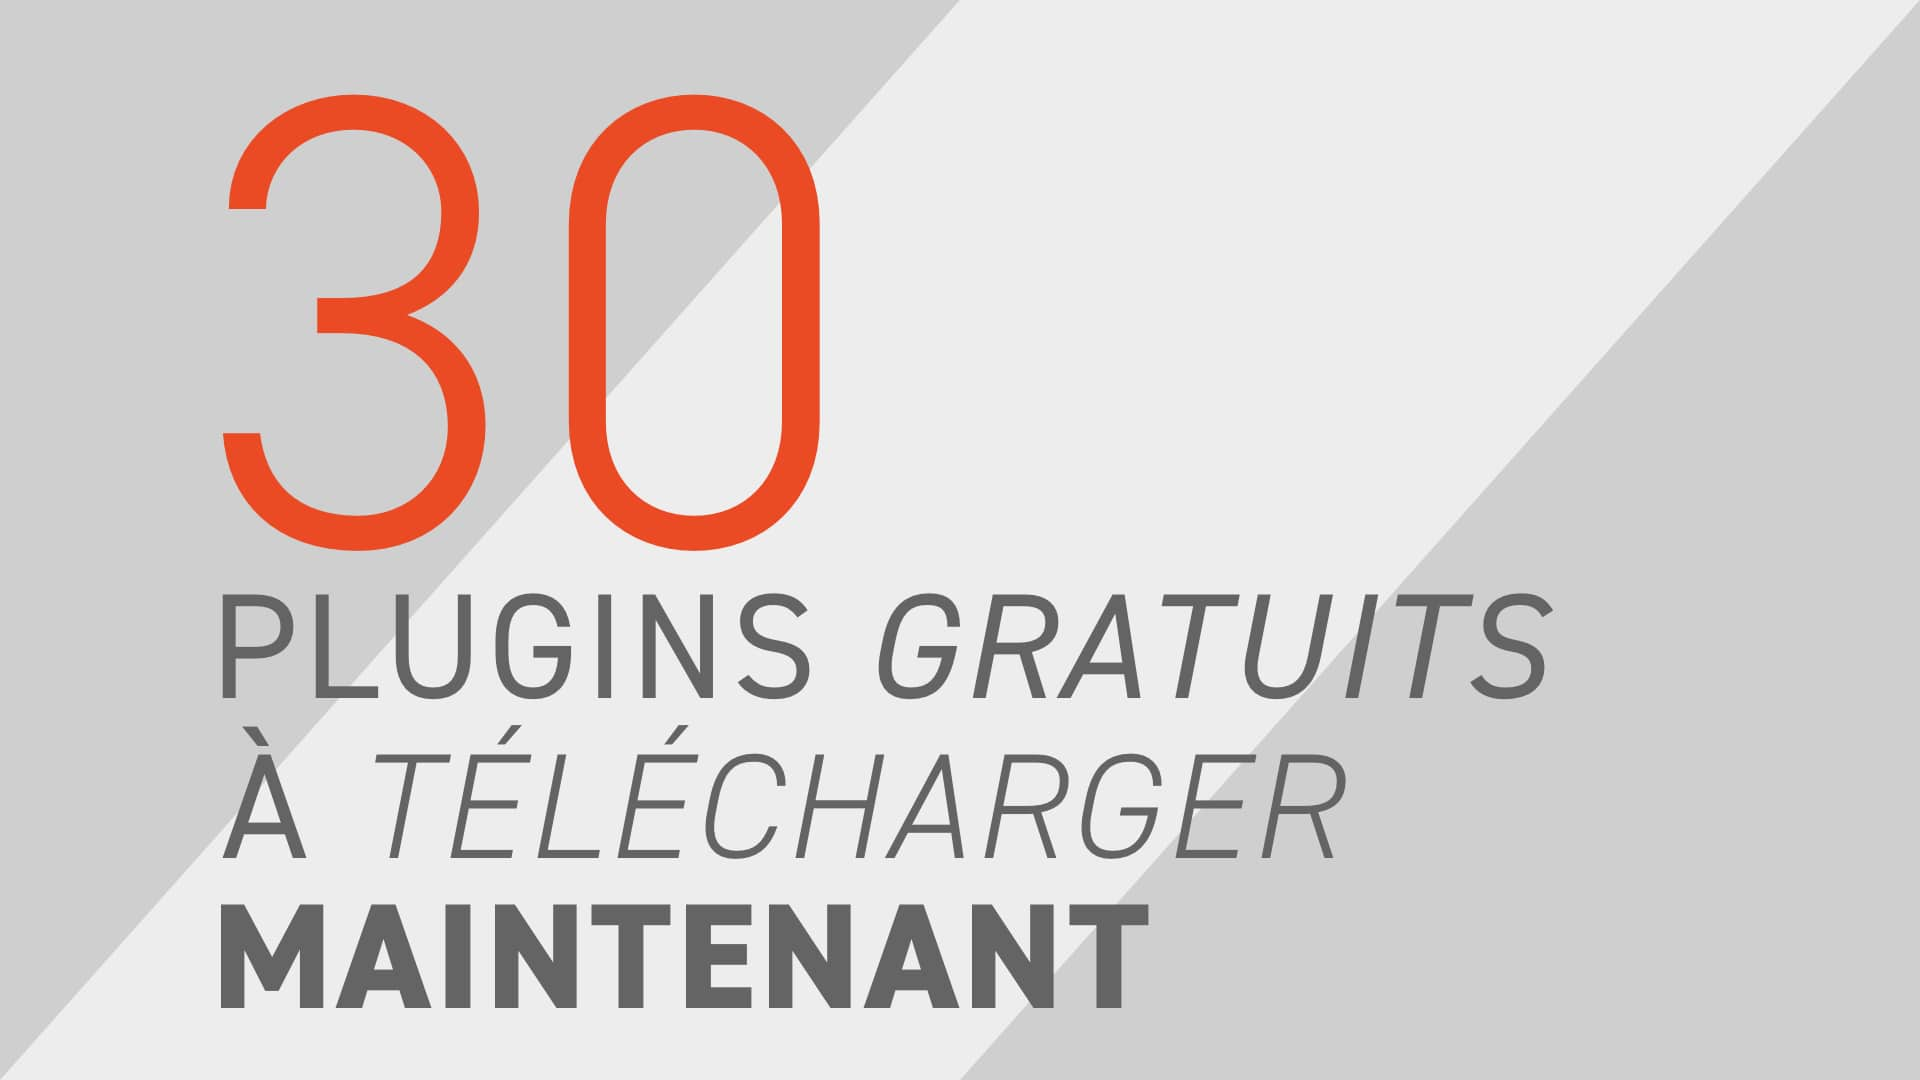 30 plugins gratuits pour télécharger maintenant